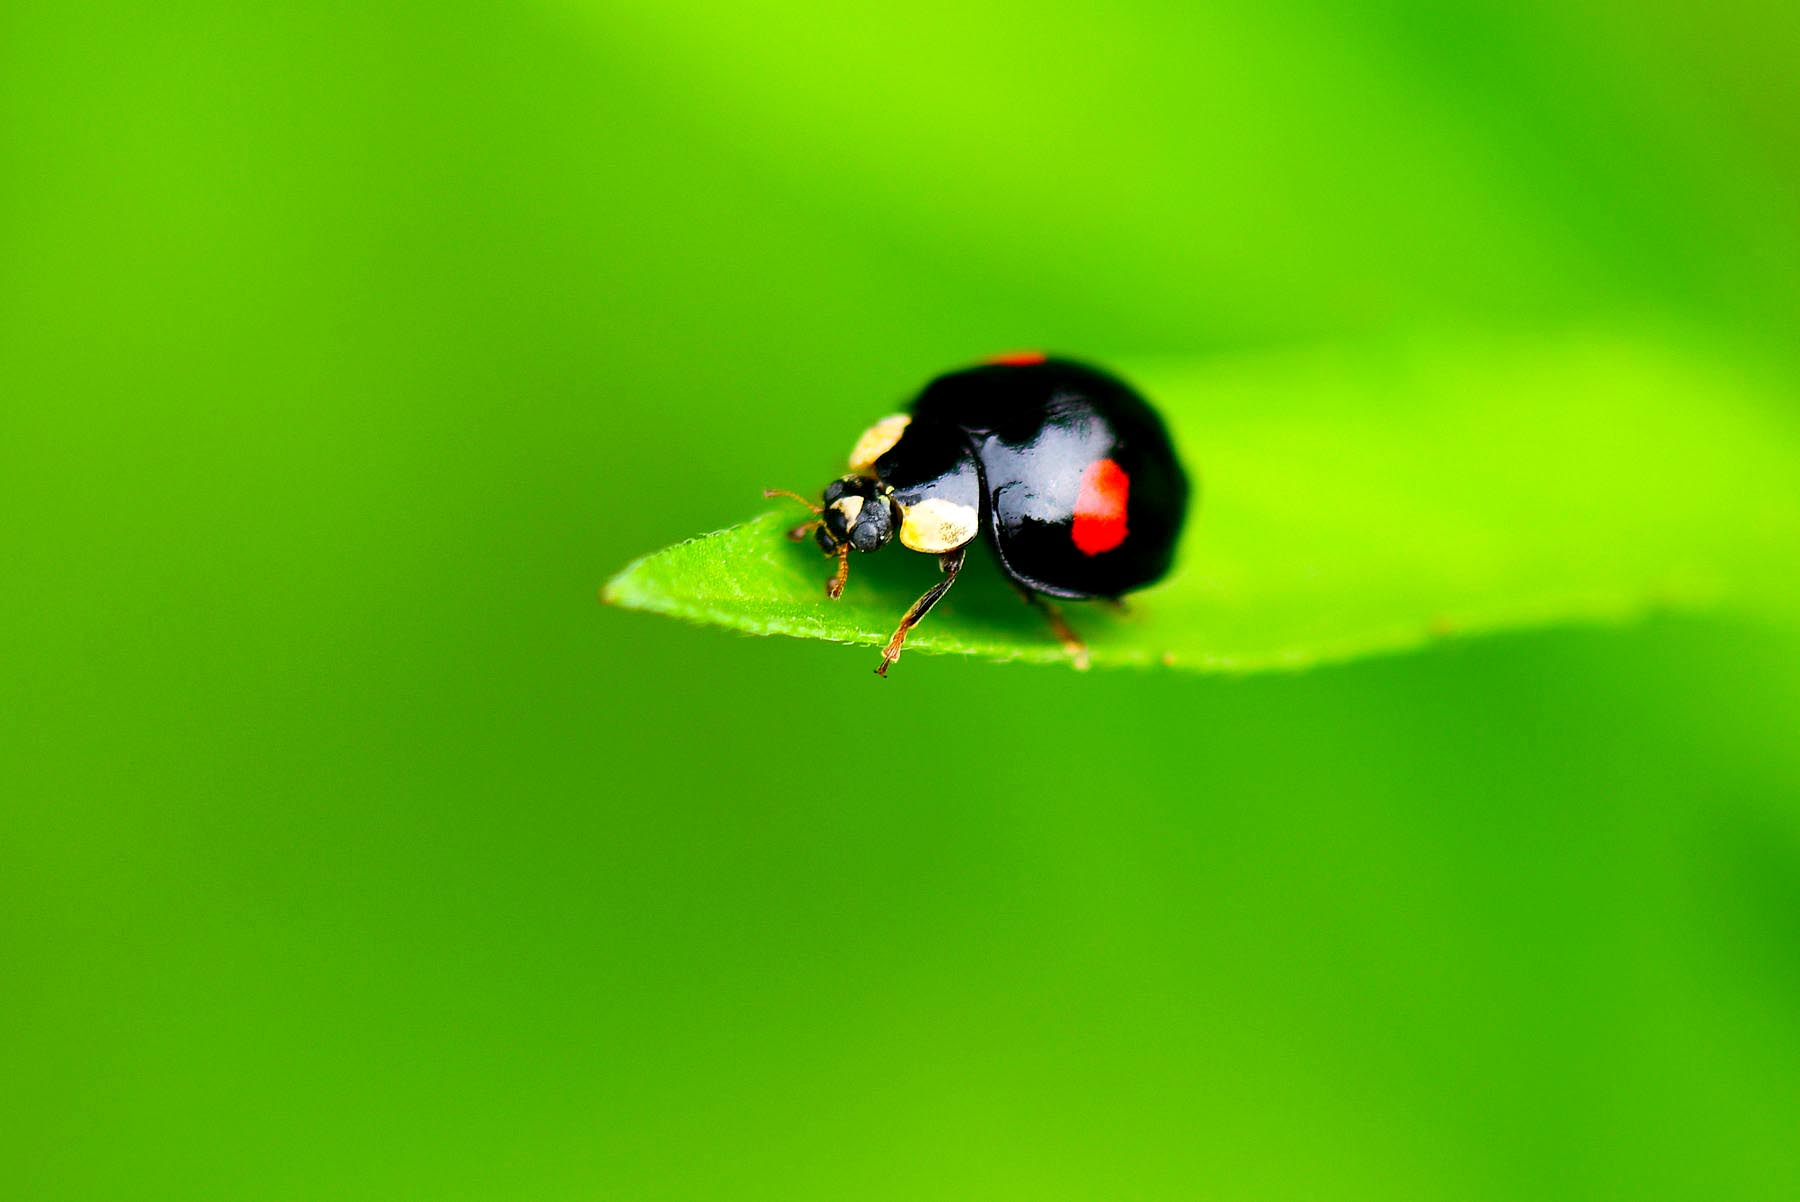 【微距摄影】七星瓢虫